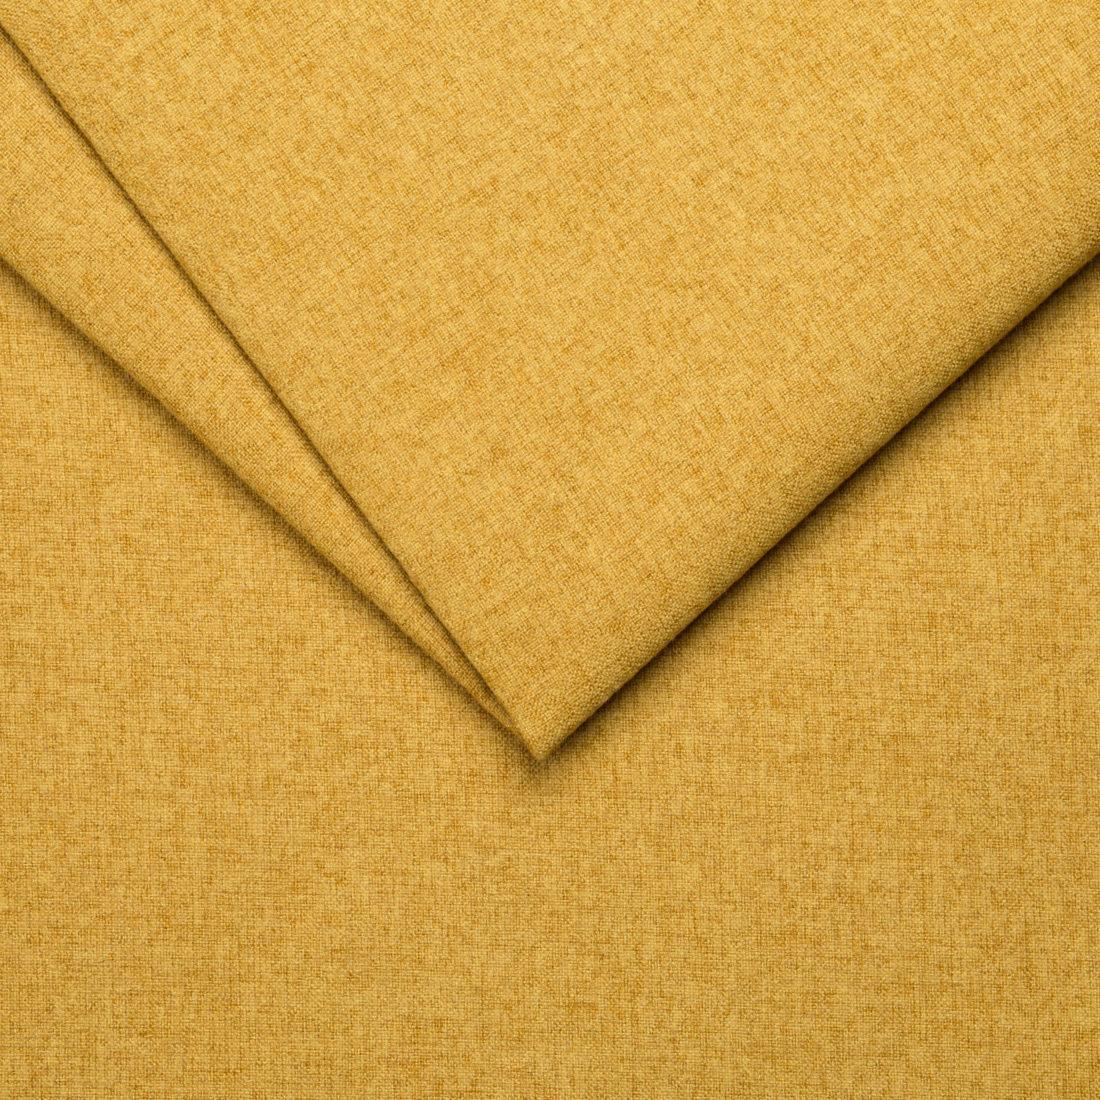 Мебельная ткань Cashmere 14 Mustard, рогожка